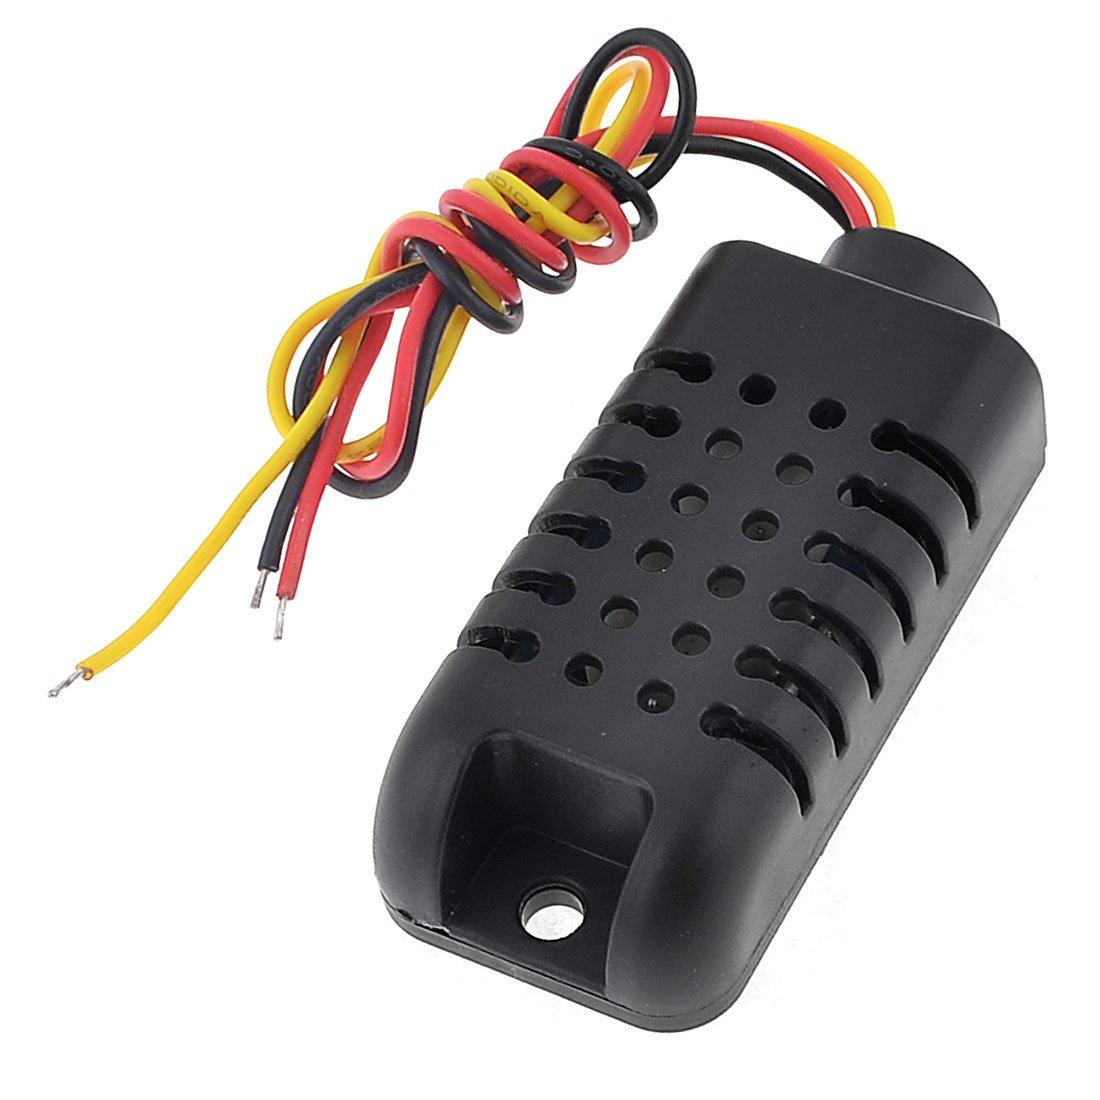 uxcell AM2301 Capacitive Digital Temperature Humidity Sensor 3.3-5.2VDC a13102800ux0390eu